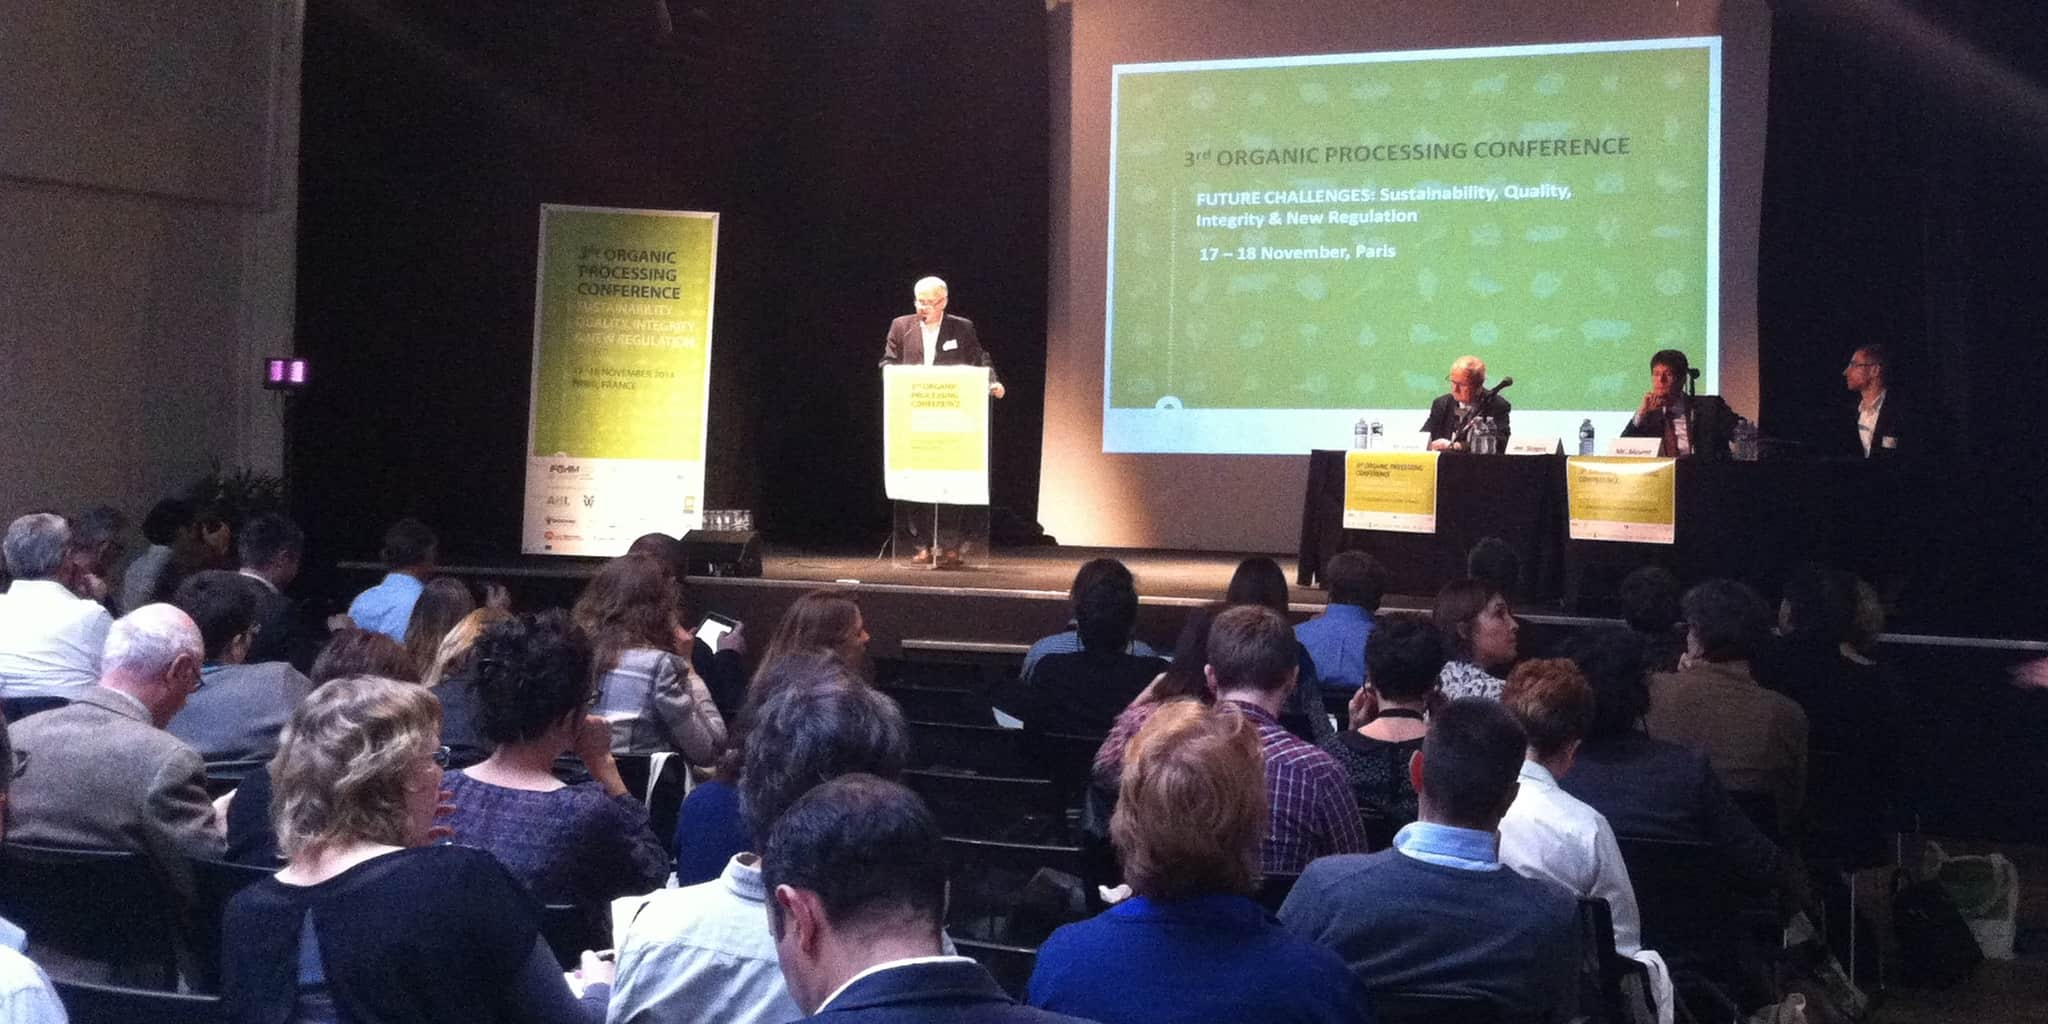 L'avenir de la transformation bio discuté à la Conférence IFOAM Europe